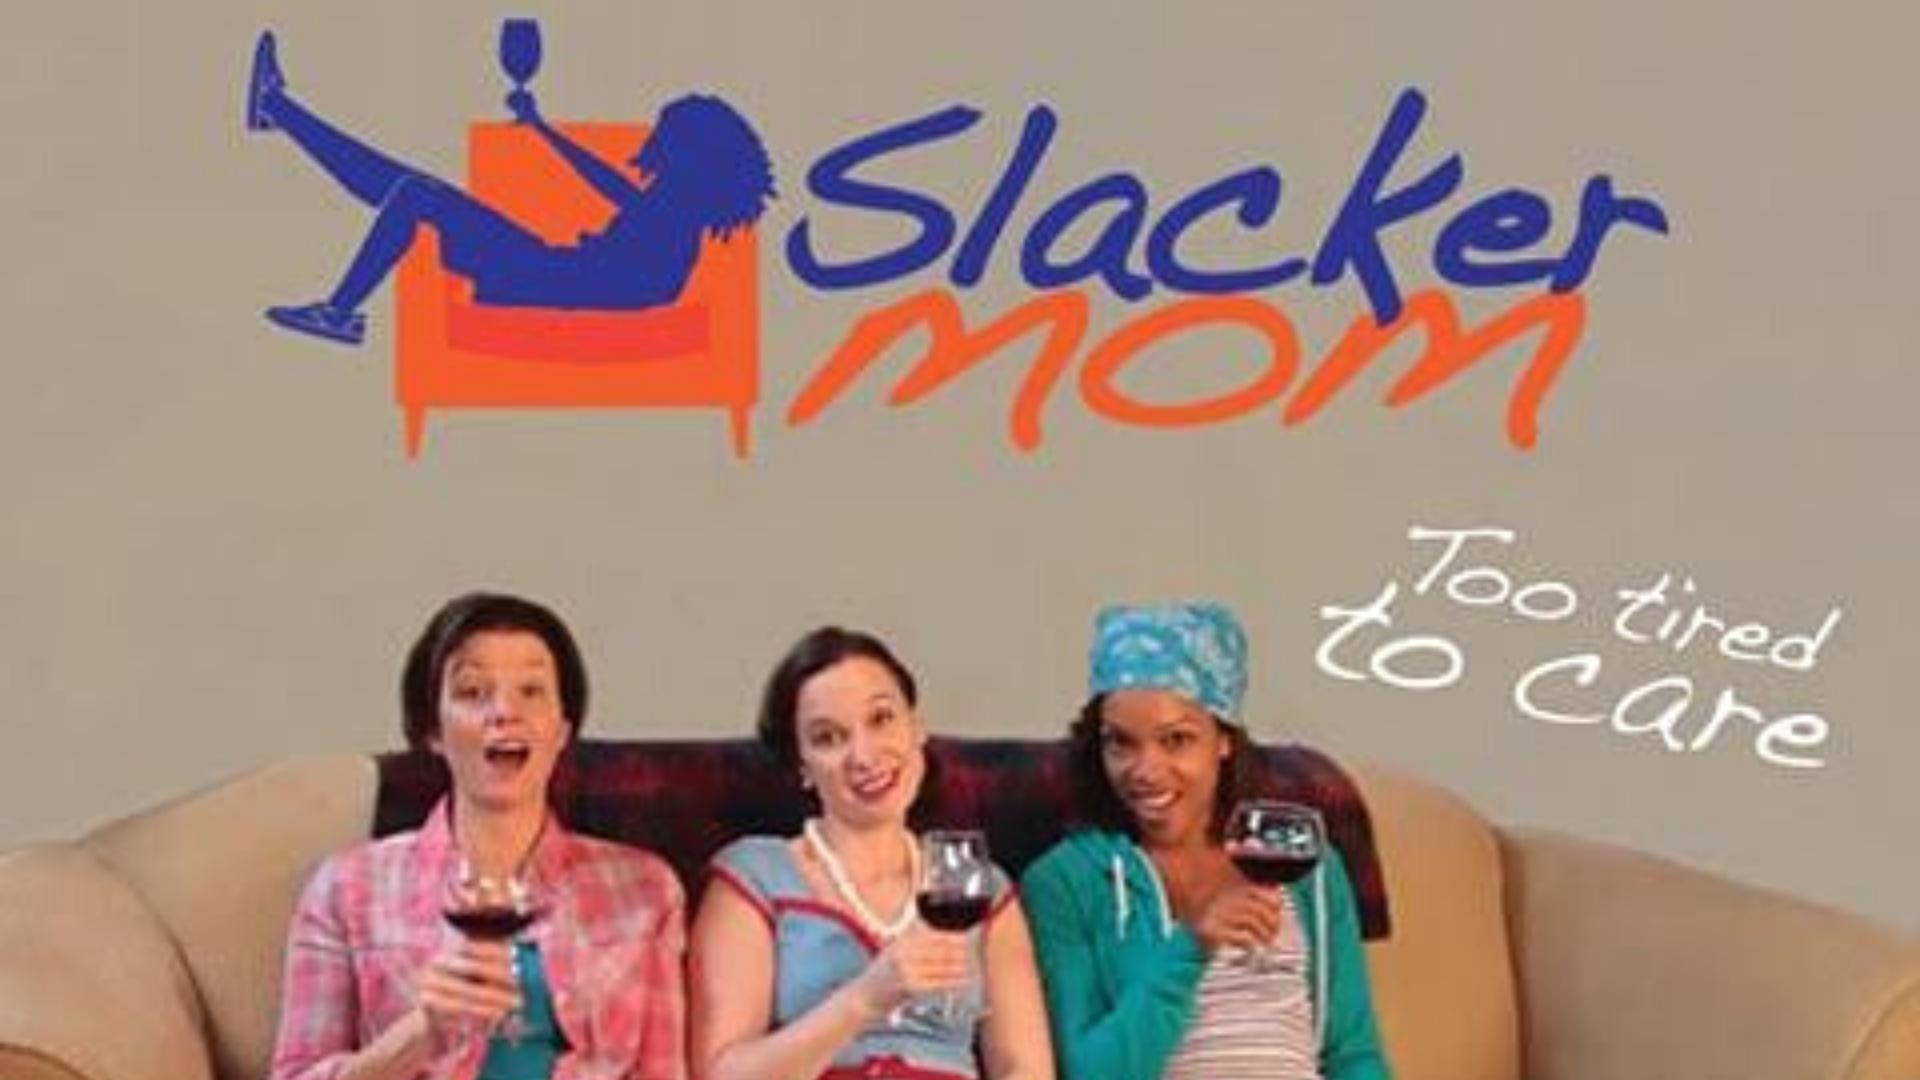 Slacker Mom